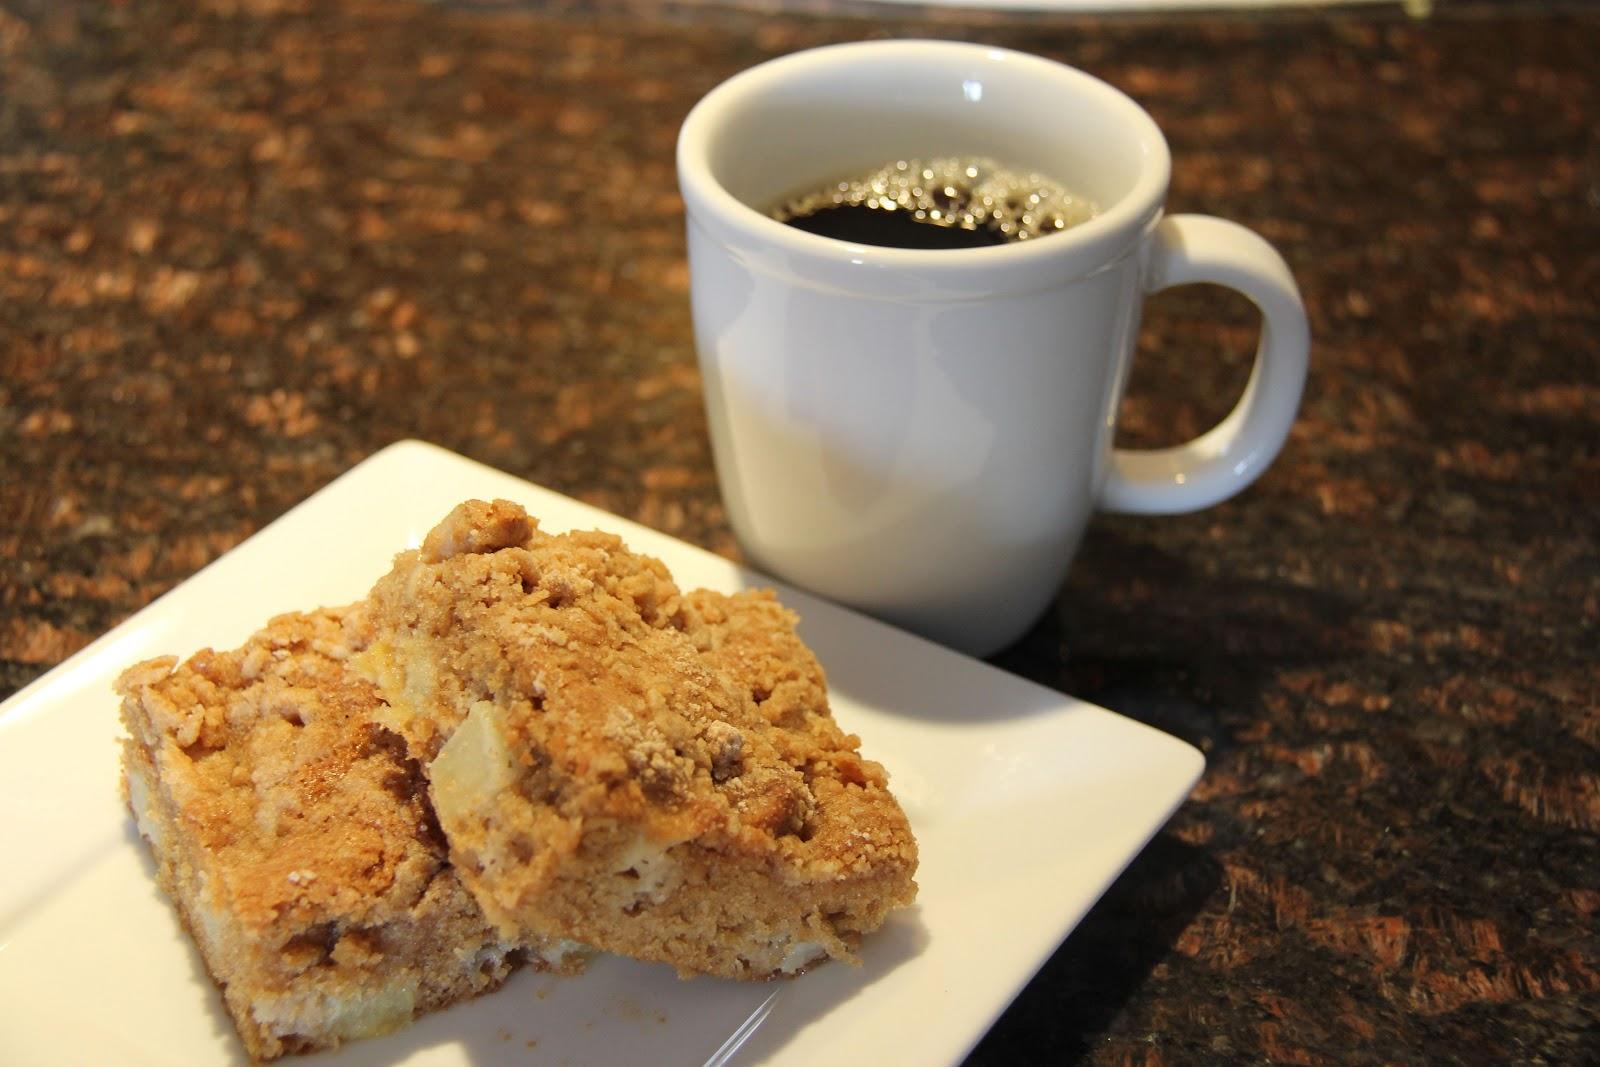 coffee_and_cake.JPG